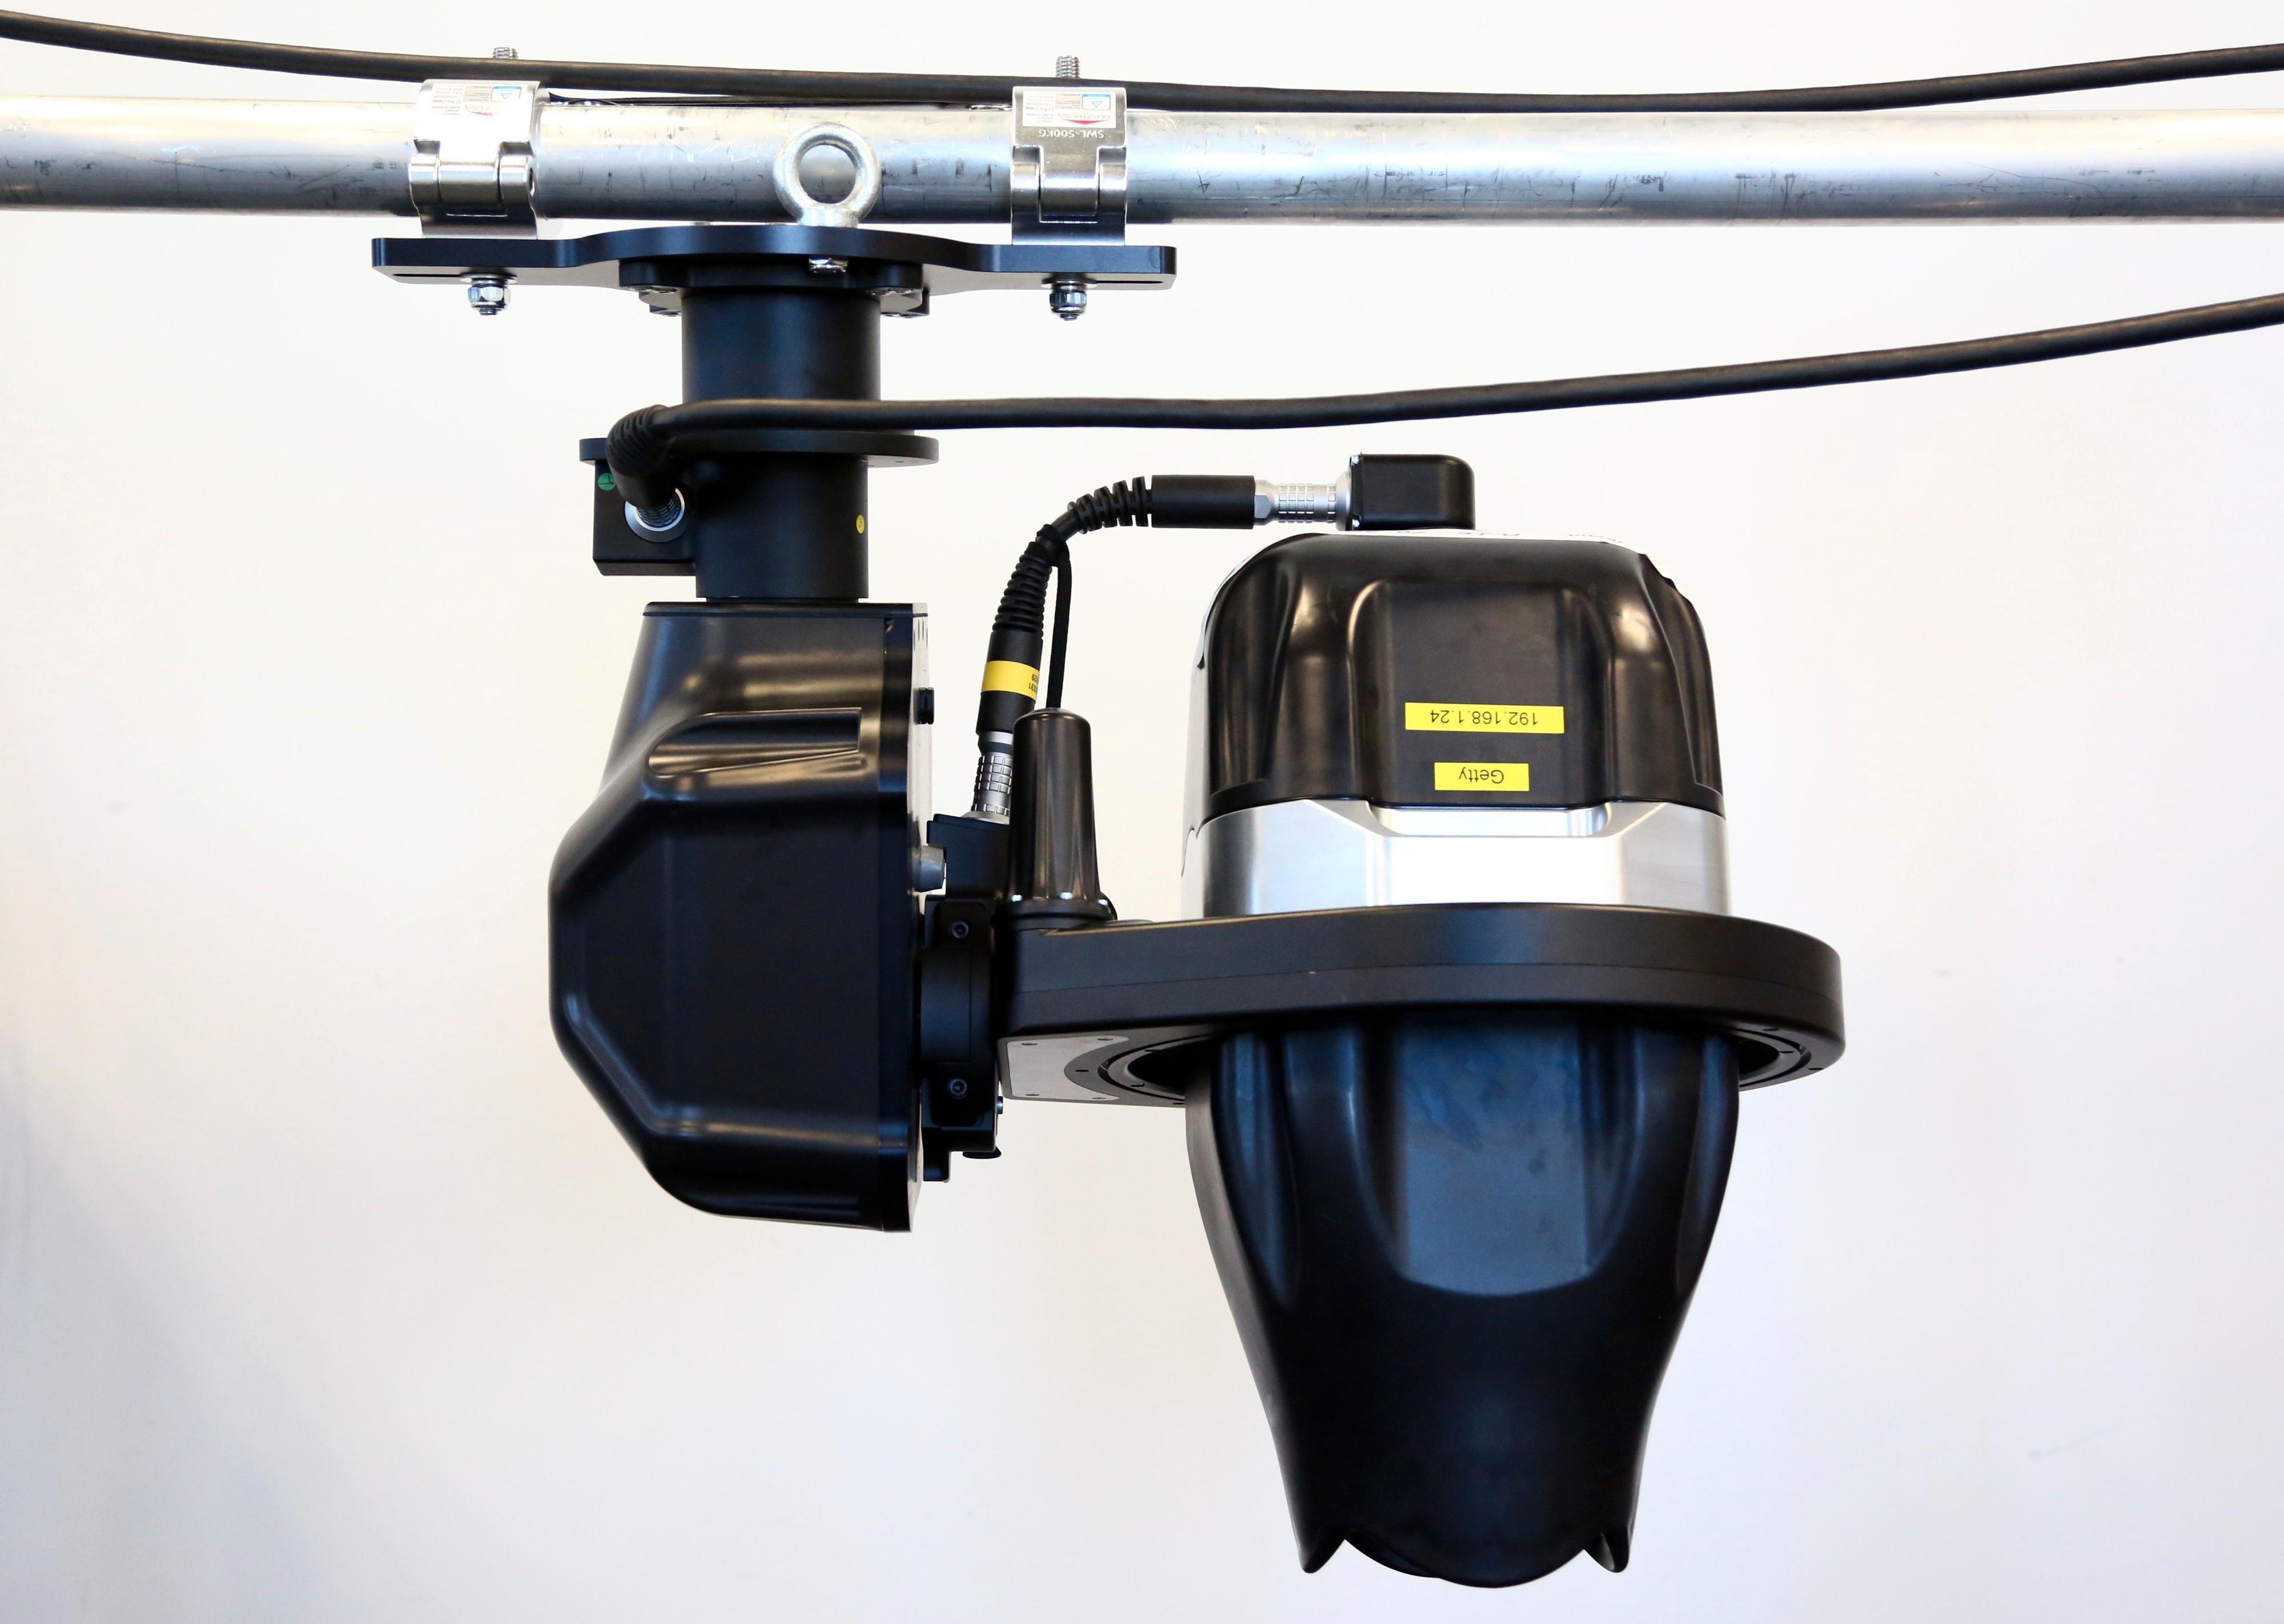 MRMC POD-systemet er en robotrigg som skal være mulig å montere opp på under en time.